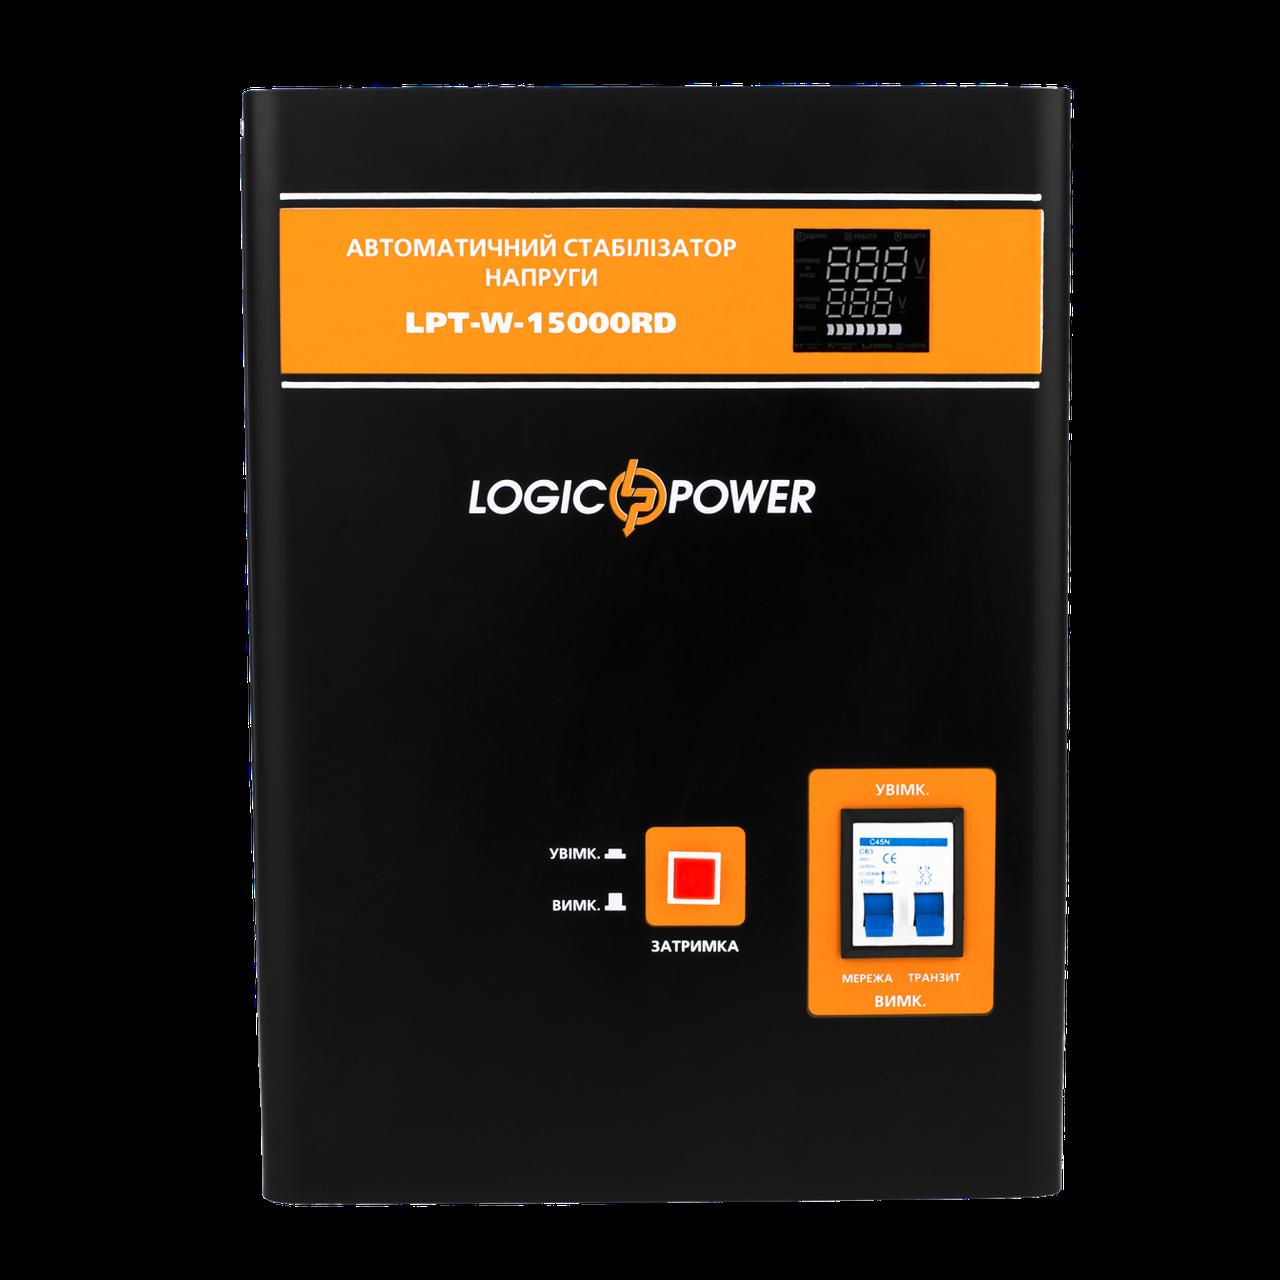 Стабилизатор напряжения LogicPower LPT-W-15000RD ЧЕРНЫЙ (10500 Вт)